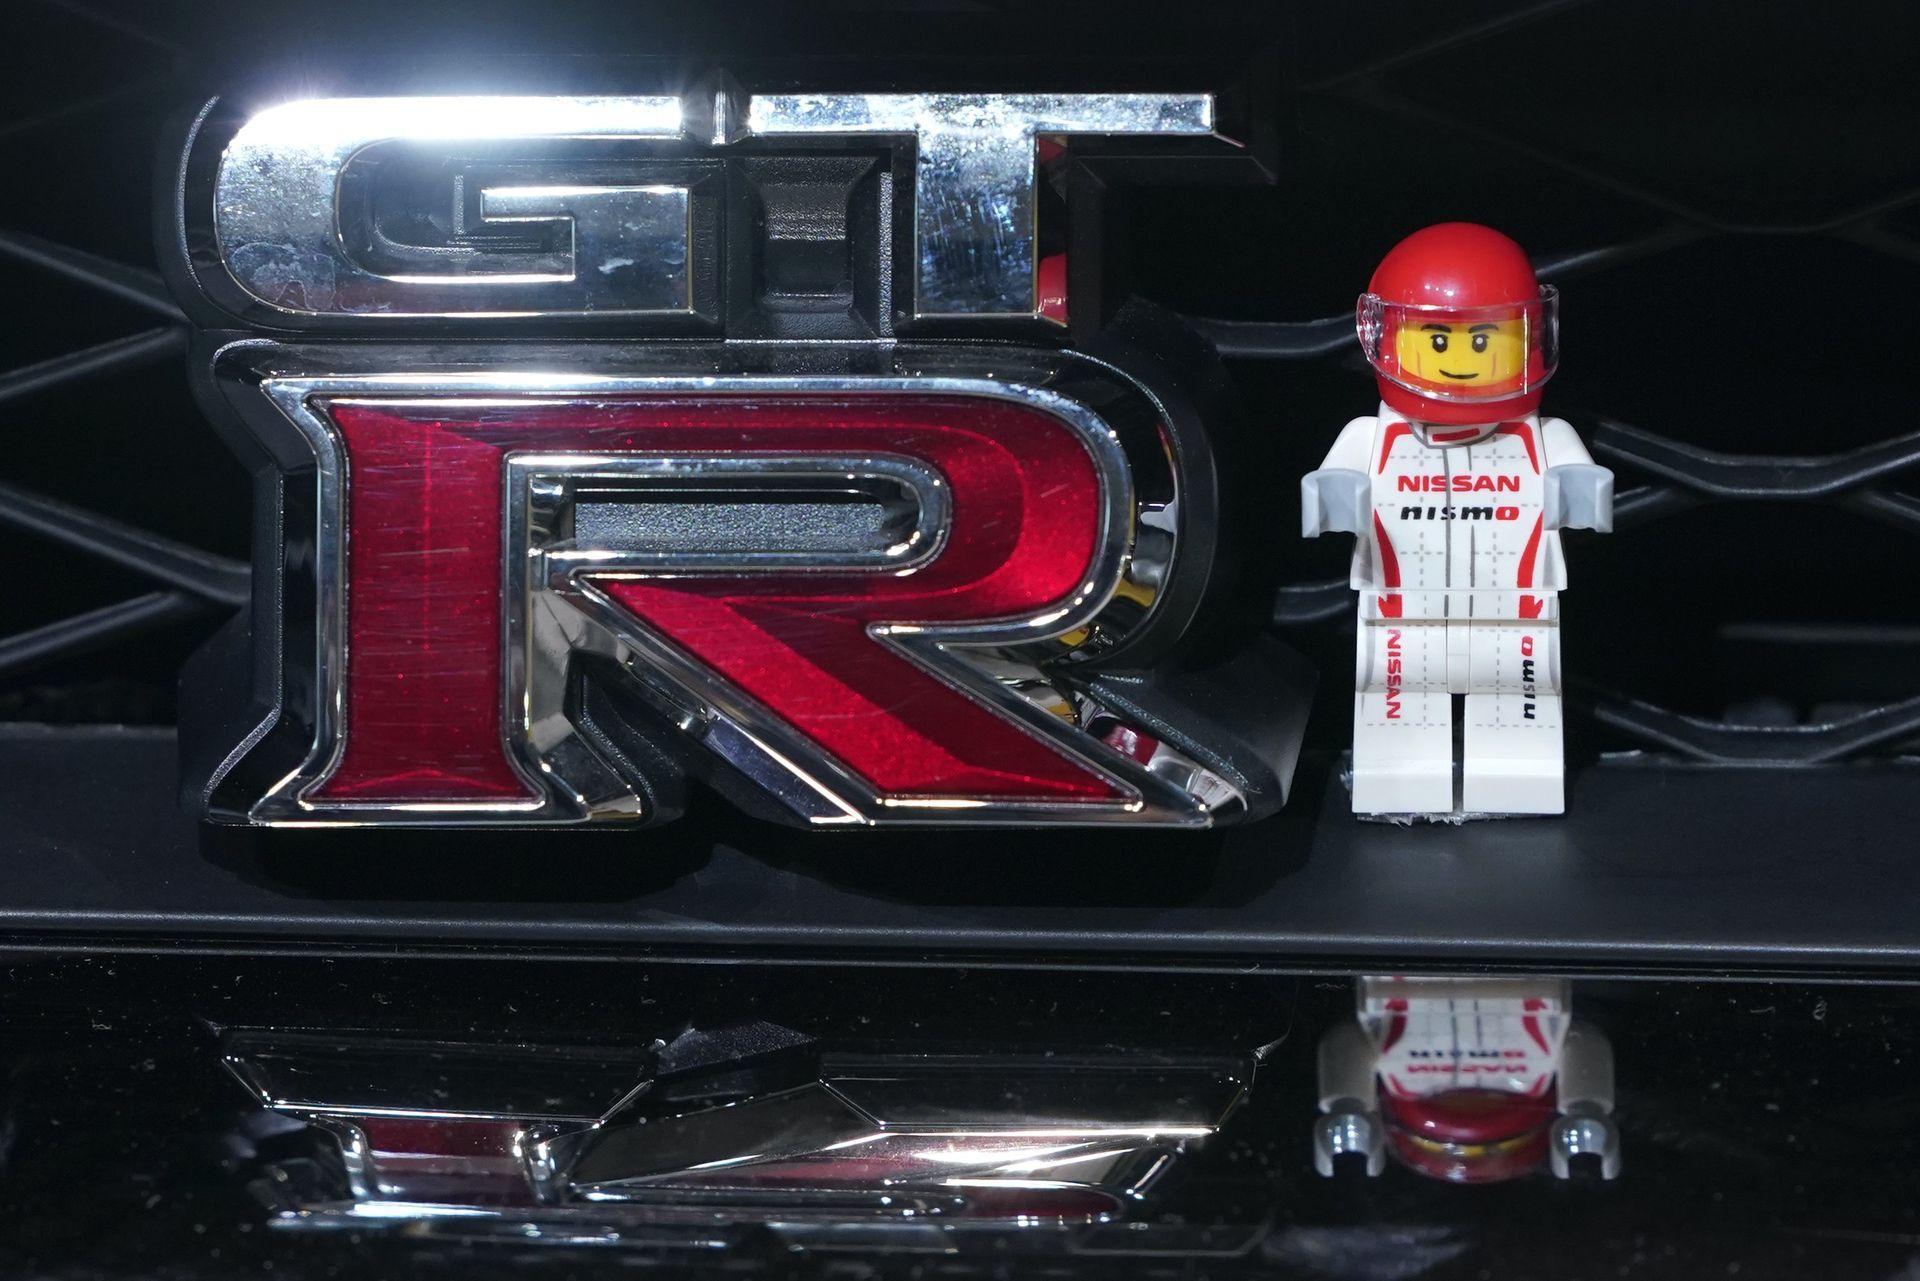 Nissan_GT-R_Nismo_Lego_0000